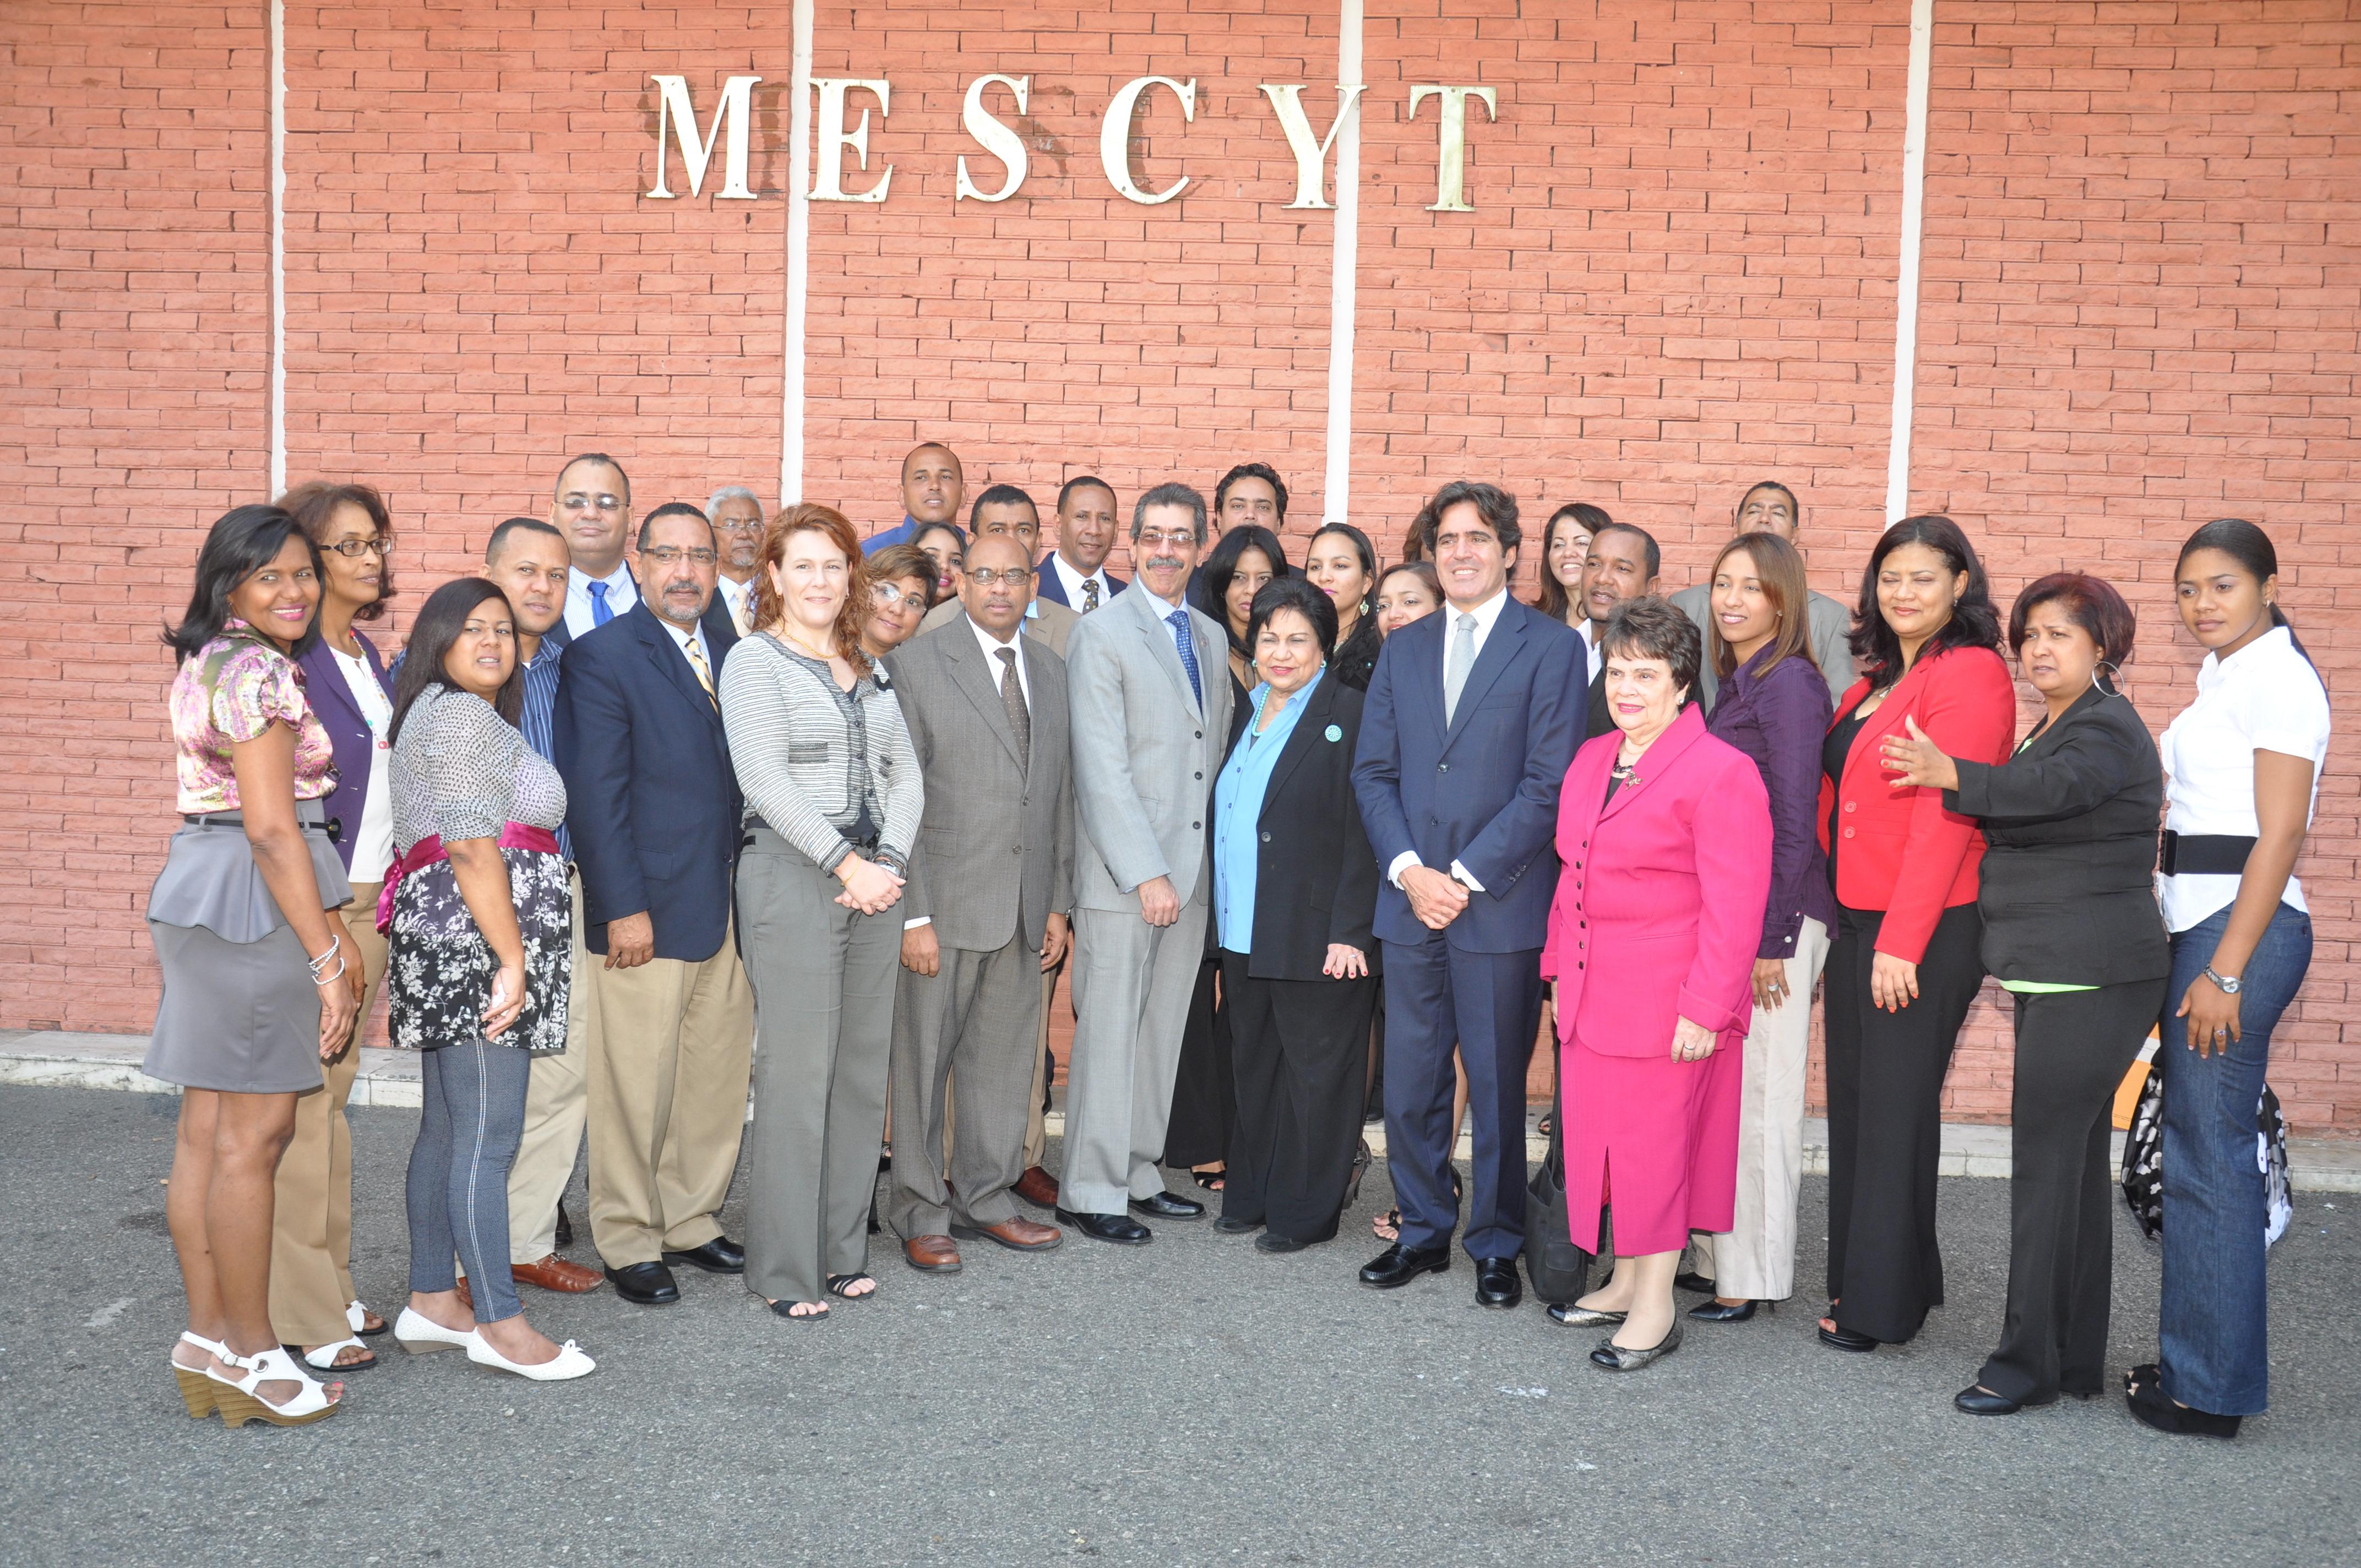 MESCYT gradúa profesores en Master en Hotelería y Restauración